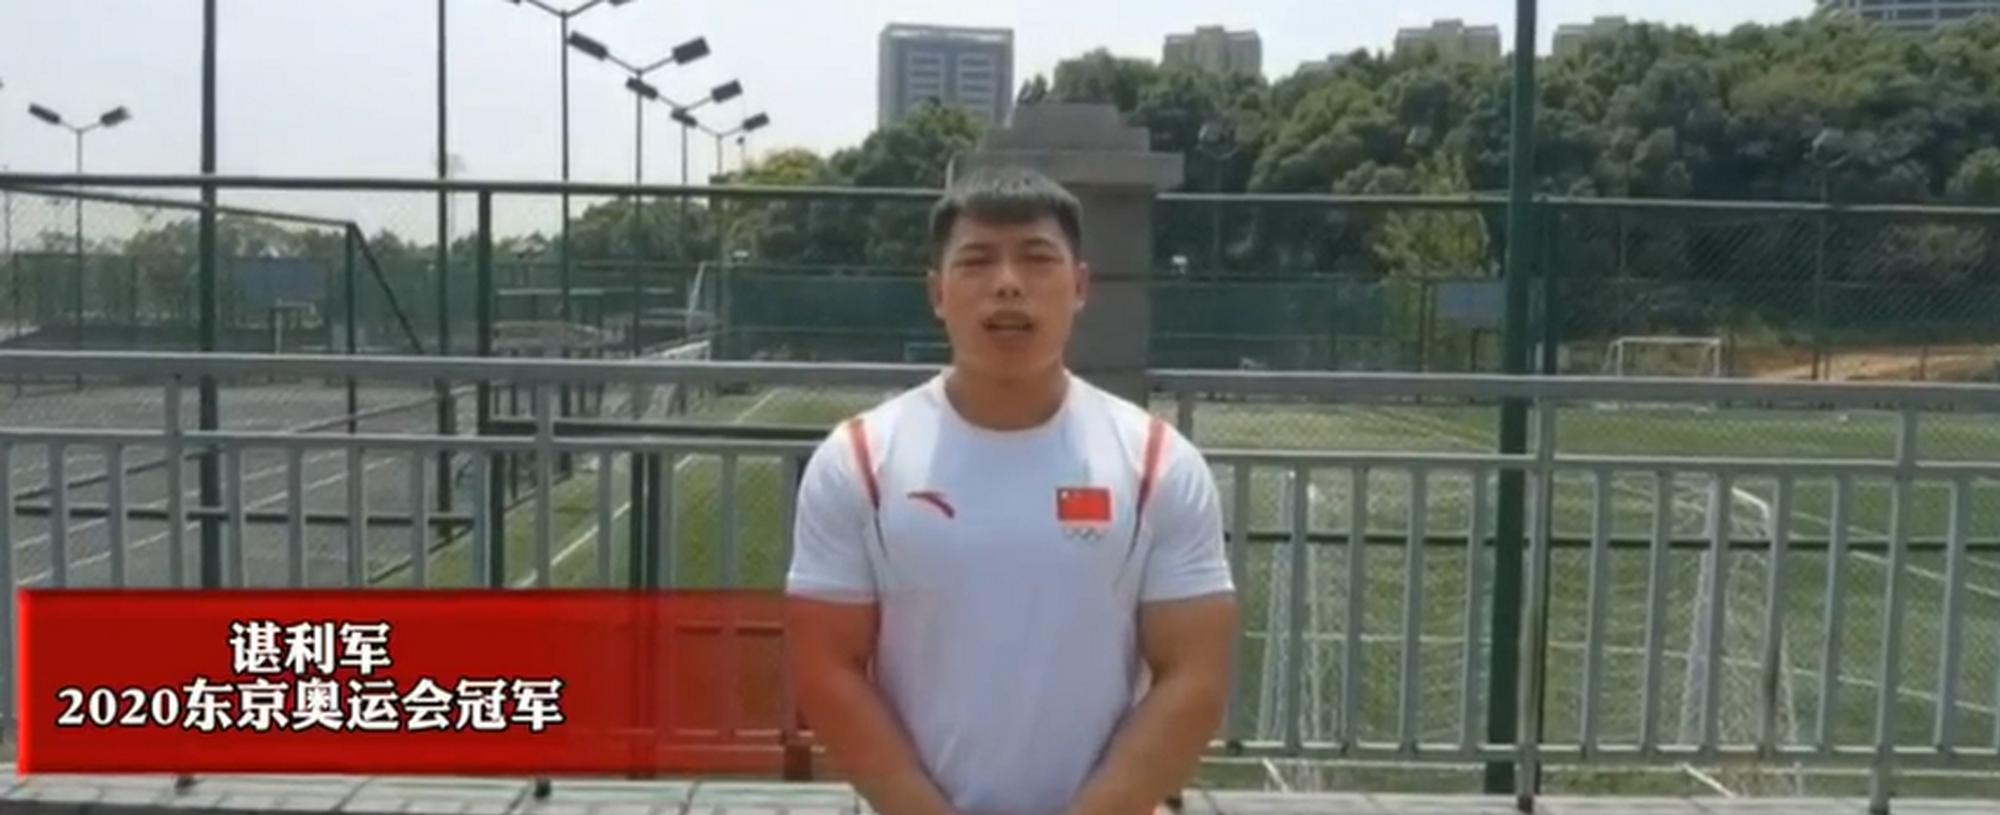 """奥运冠军也来打call了!首届北斗规模应用国际峰会未""""开""""先火"""